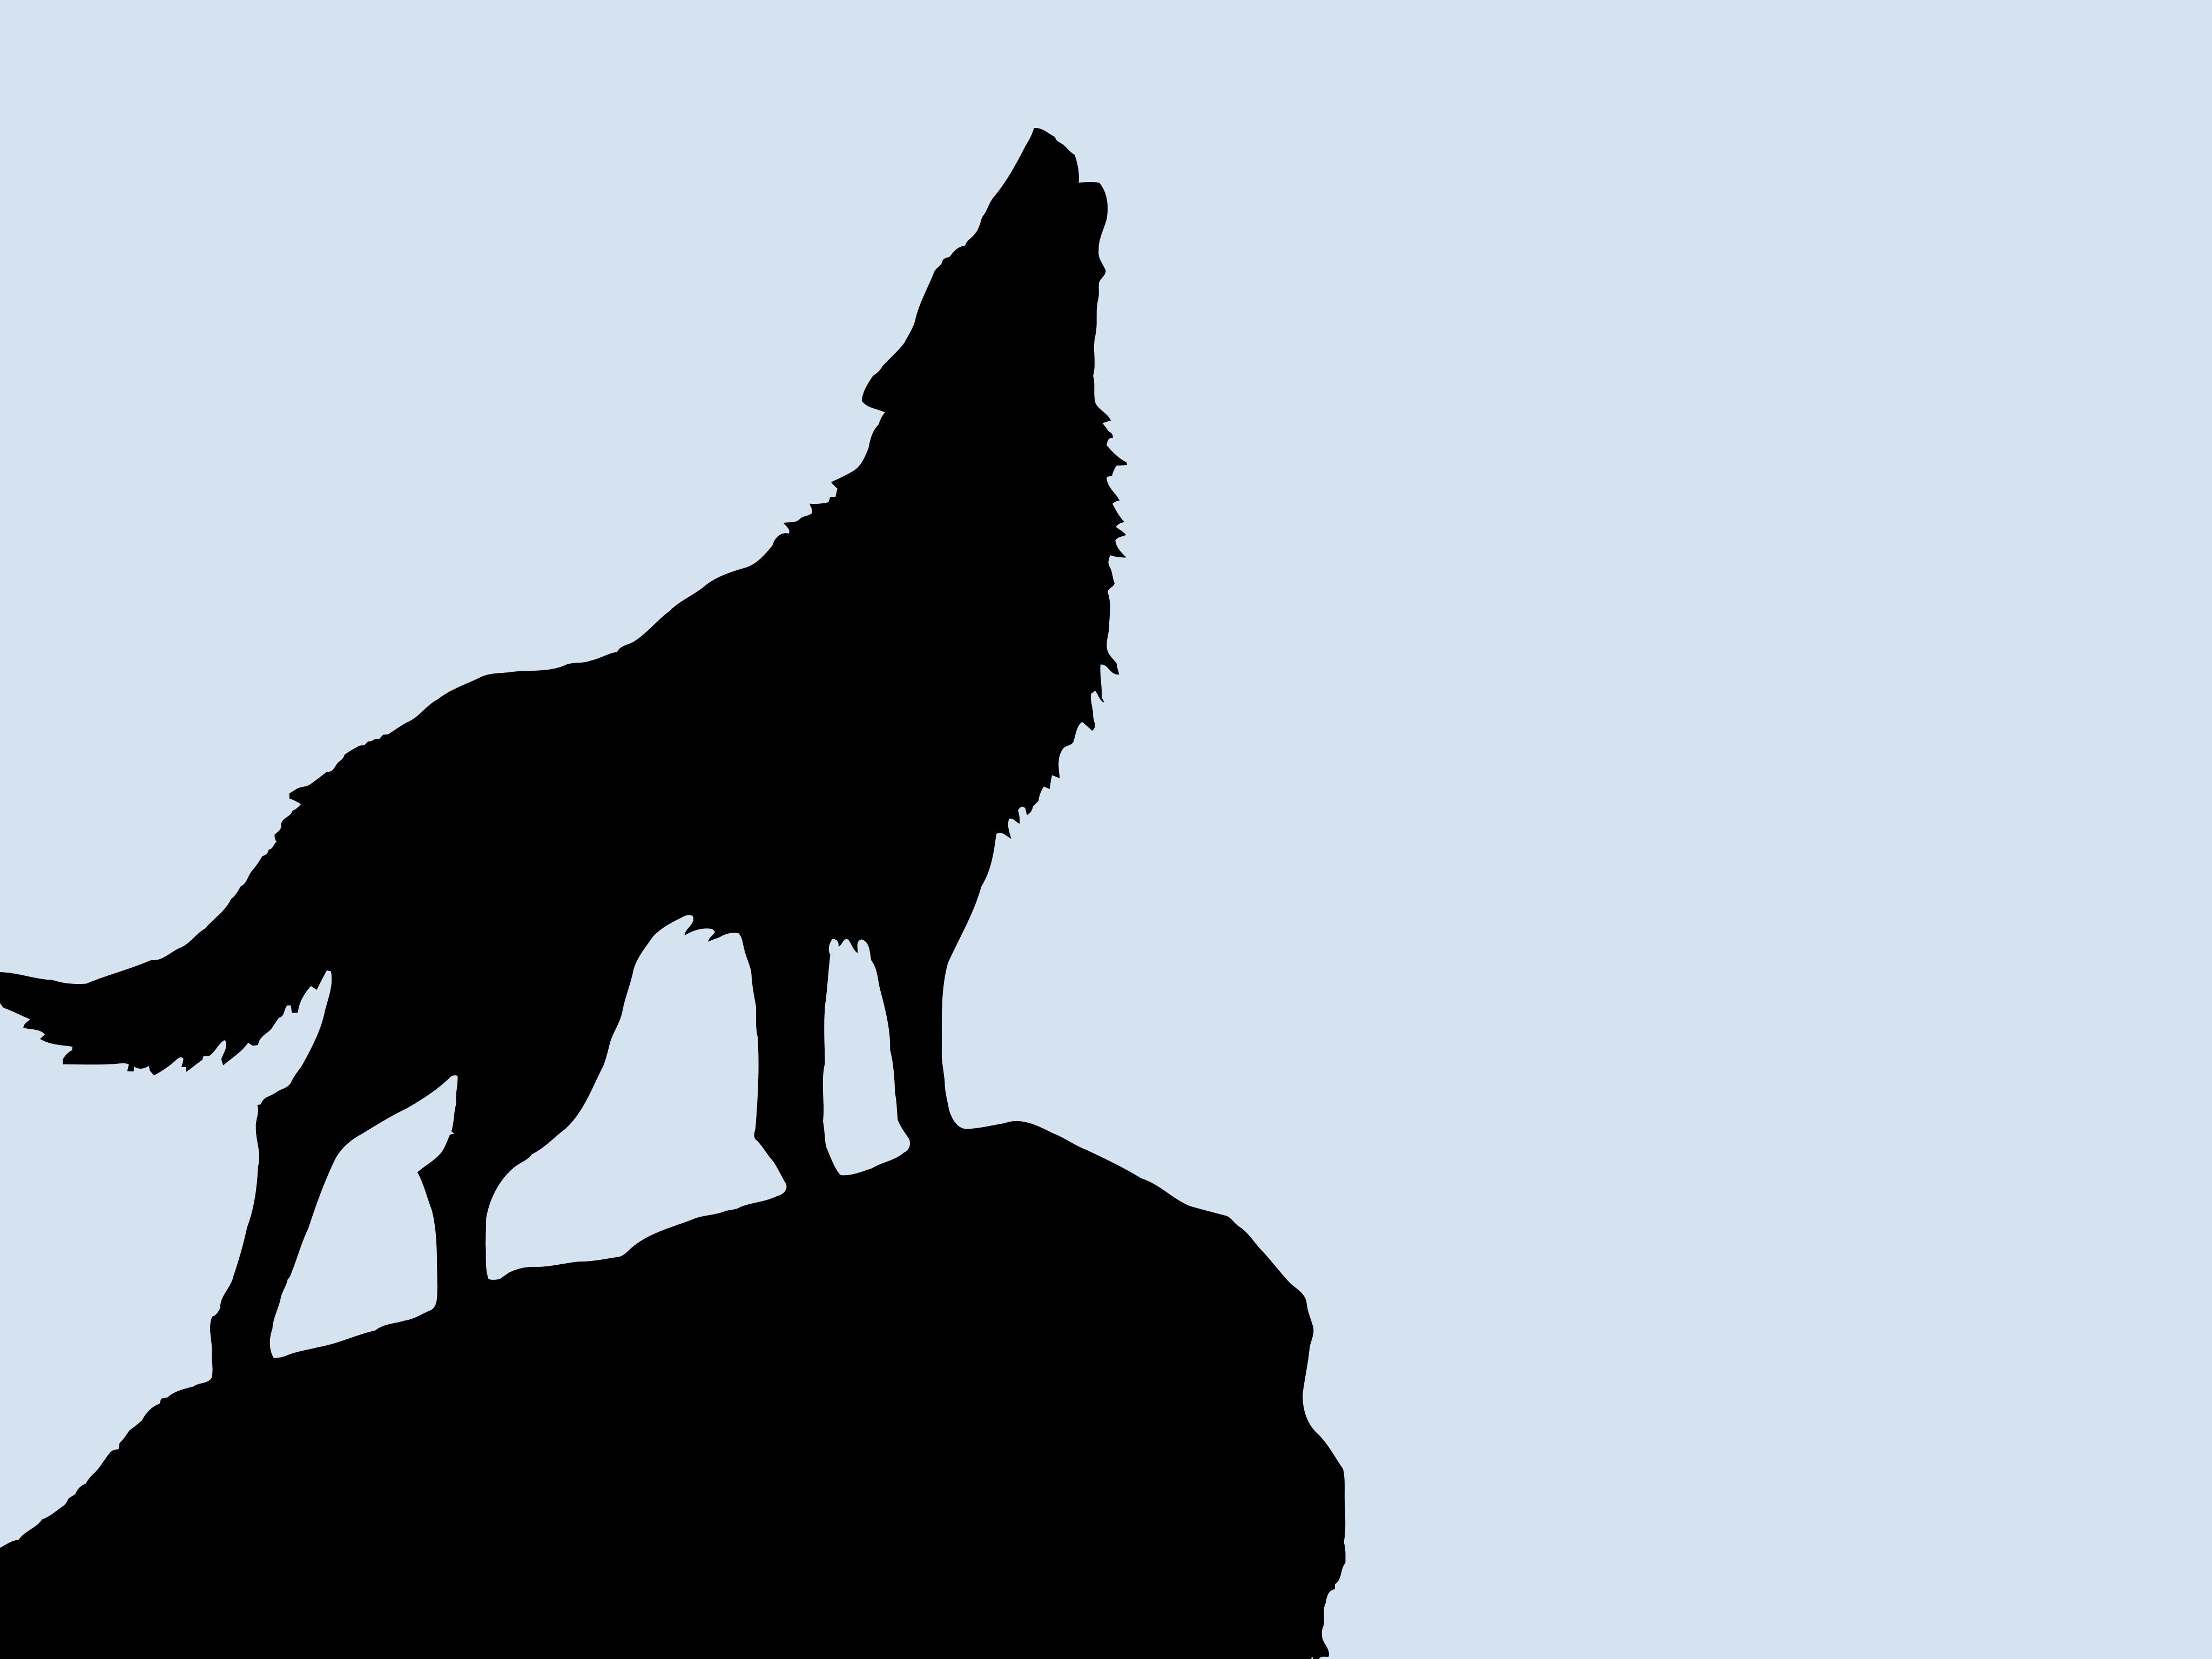 4096x3072 Wolf Vectorized Silhouette Art High Resolution Hd Wallpaper